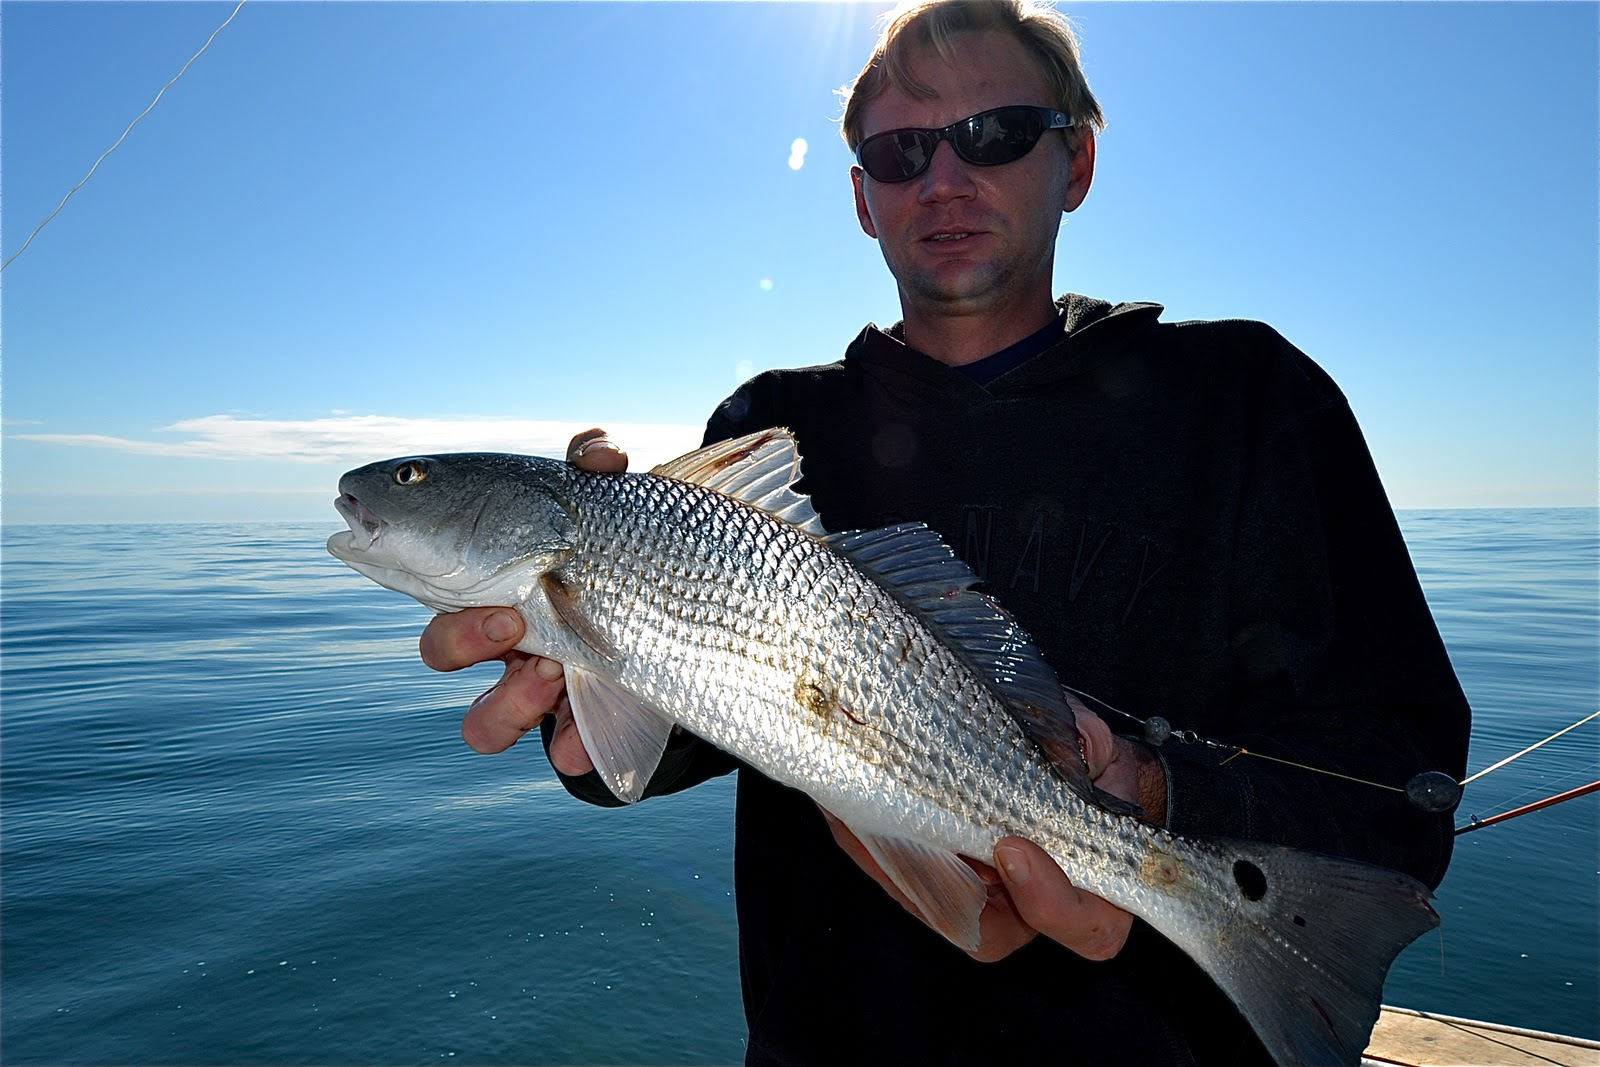 Carolina guide service sheepshead fishing murrells inlet sc for Fishing charters murrells inlet sc